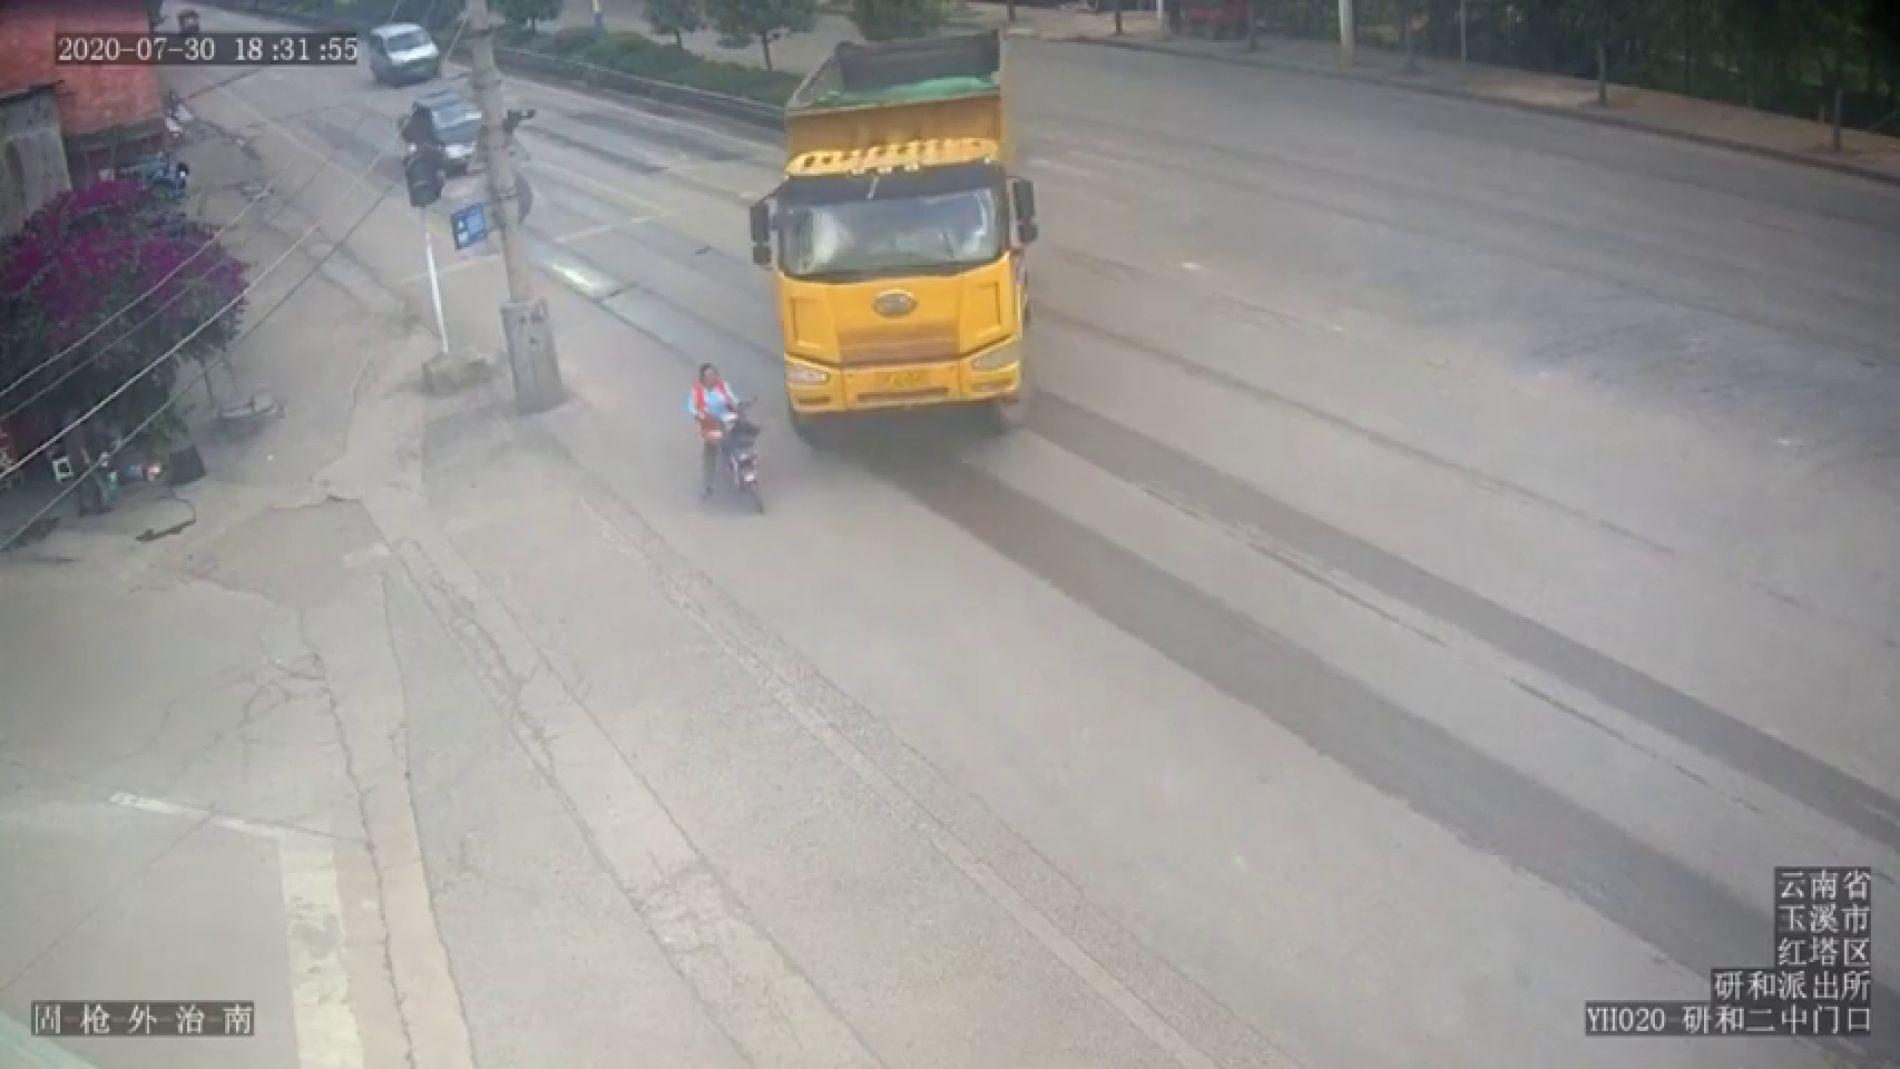 Un motorista es arrollado por un camión y salva su vida de milagro